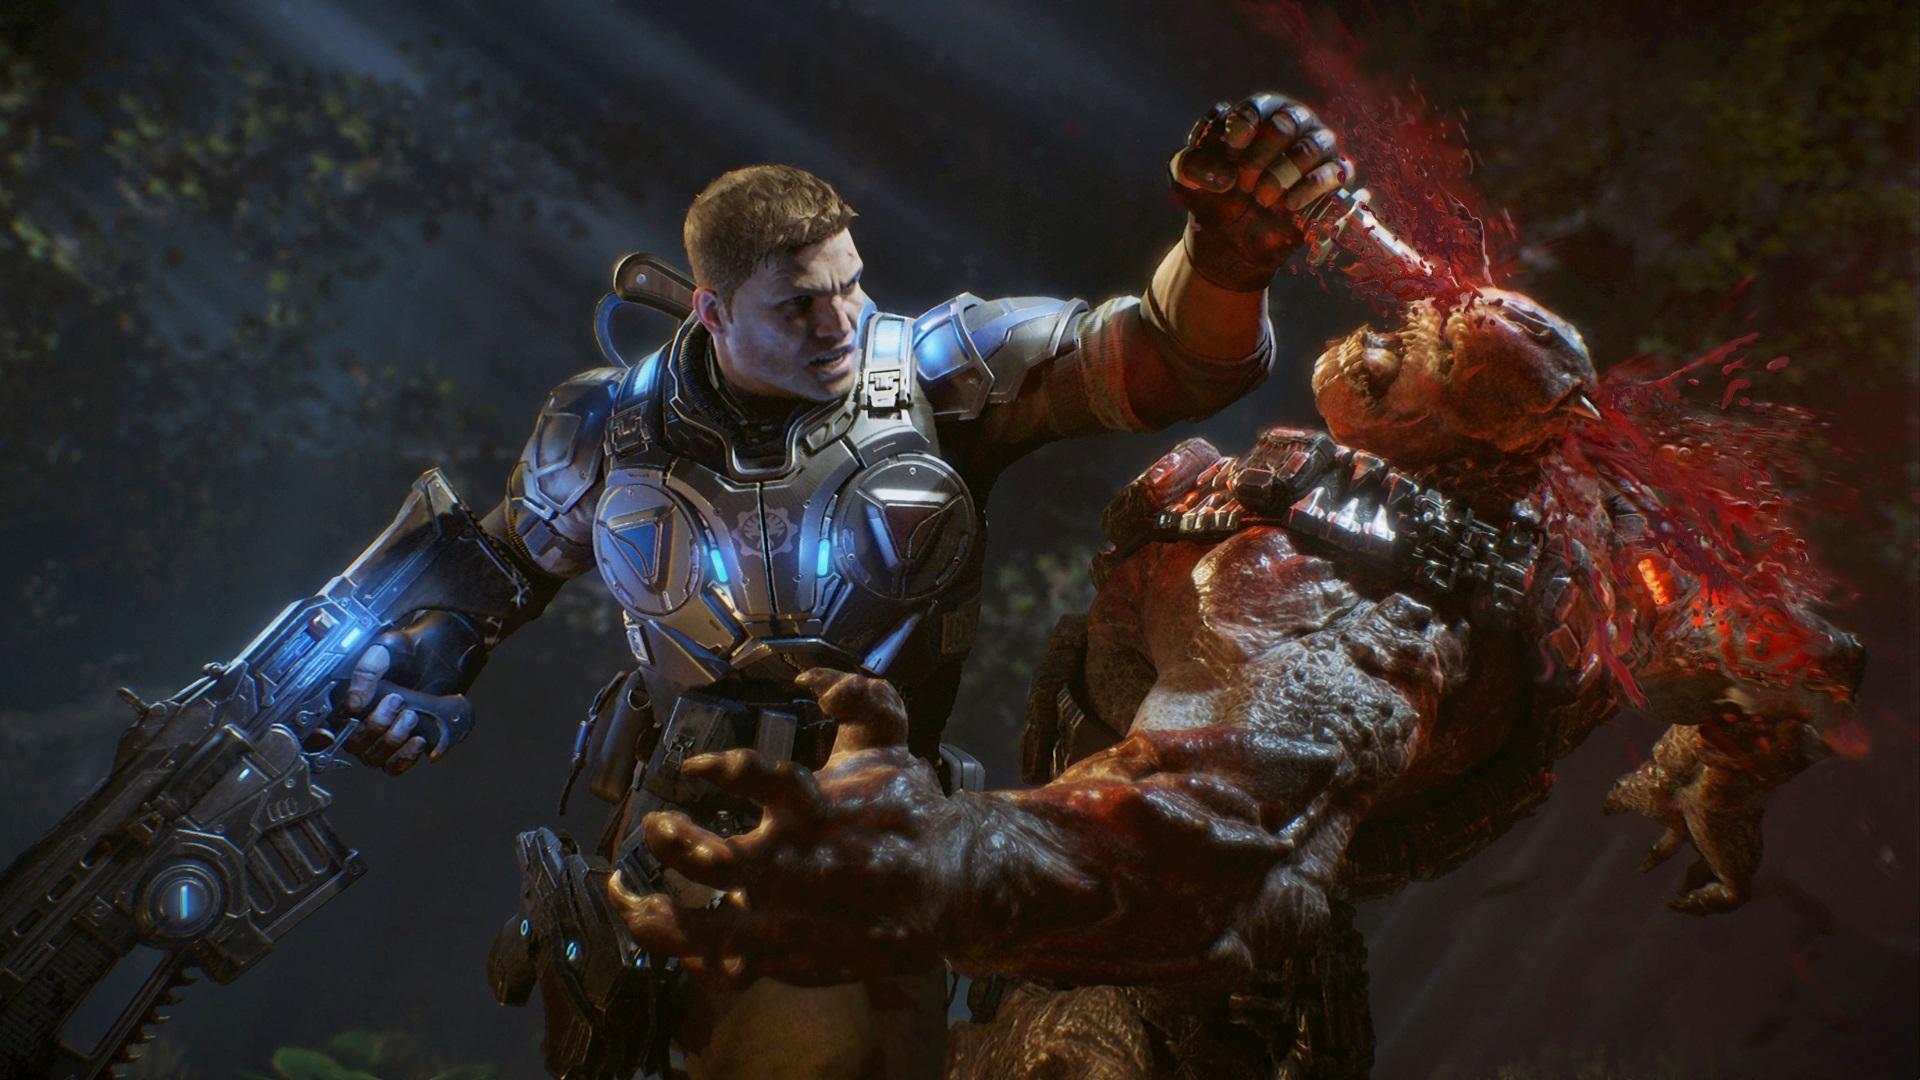 Gears Of War 4 - HD Wallpaper